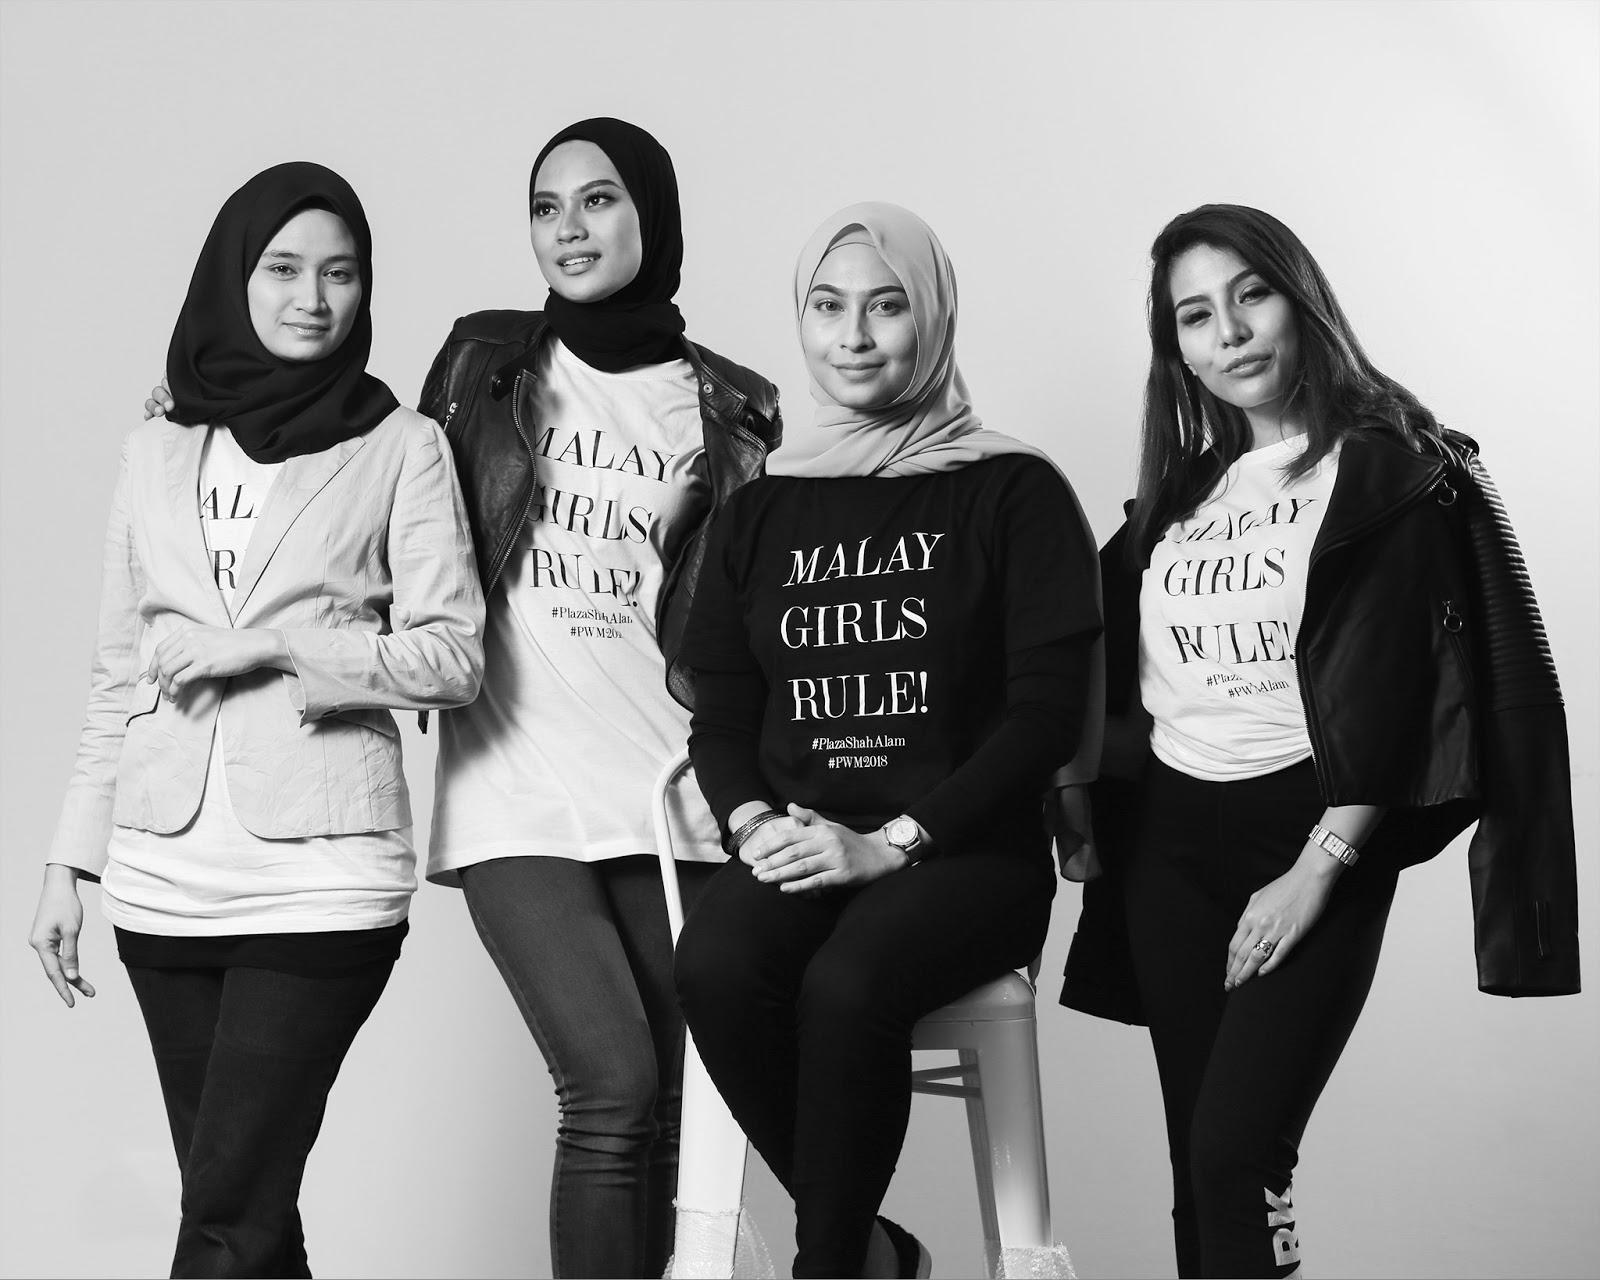 Ini 12 Gadis Yang Merebut Gelaran Juara Pwm 2018 Media Panas Tcash Vaganza 34 Totebag Beach Dari Kiri Huda Fatihah Mentor Nurhazwani Dan Alya